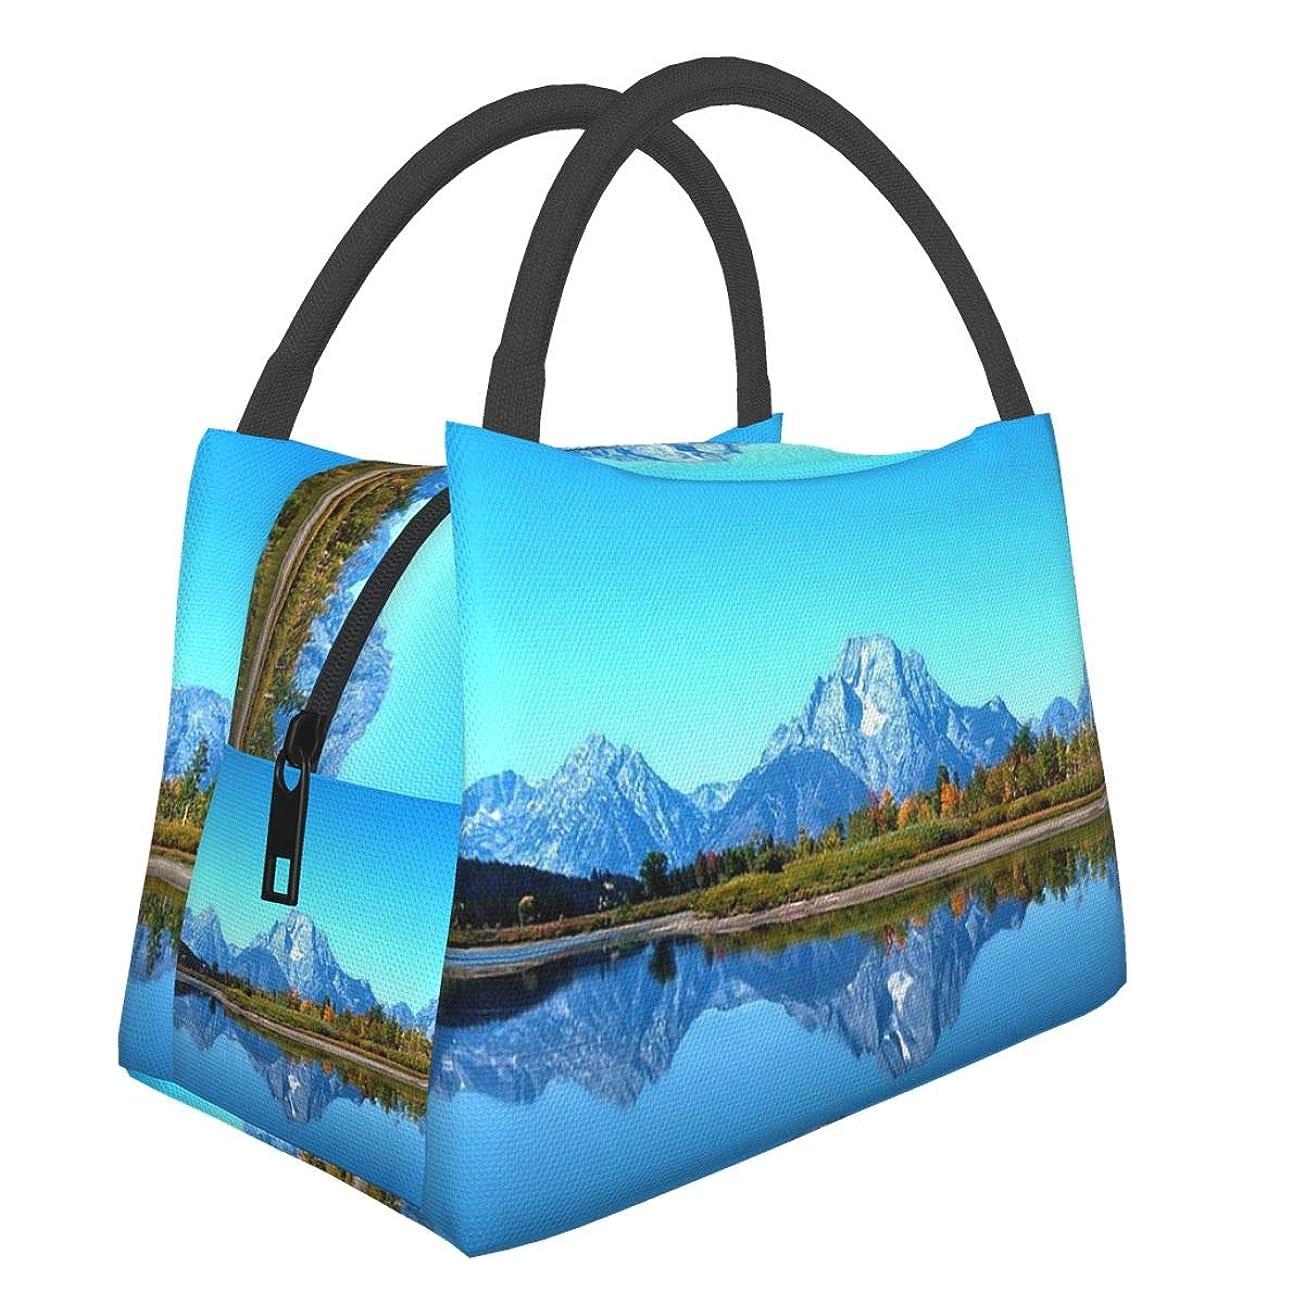 議論するこんにちは出くわすAbnii ランチバッグ 保冷バッグ 湖 山 手提げ 買い物バッグ 収納バッグ 保冷 保温 バッグ お弁当 弁当バッグ